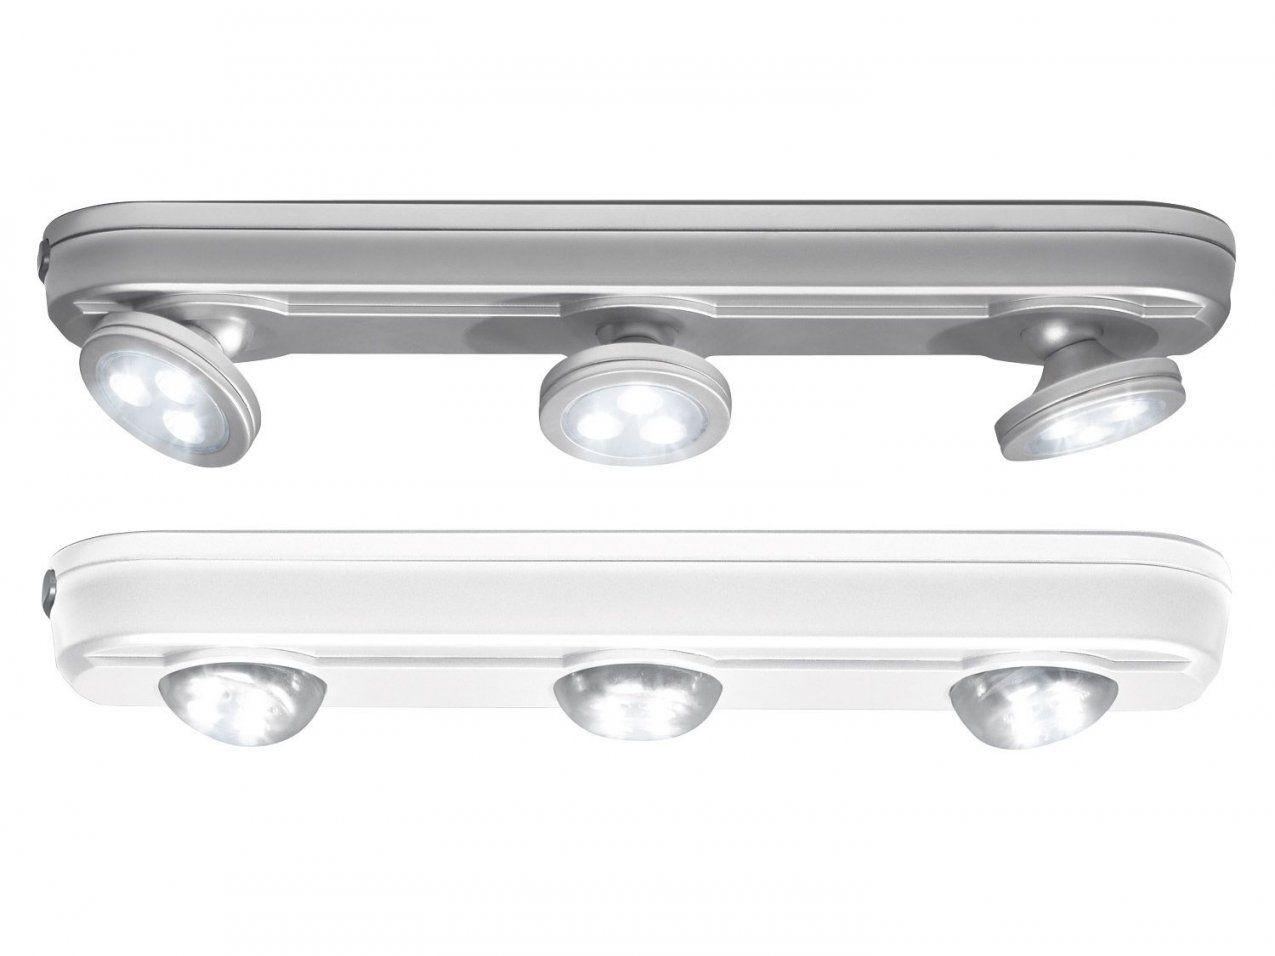 Livarno Lux® Ledunterbauleuchte  Lidl Deutschland  Lidl von Led Unterbauleuchte Küche Batterie Photo